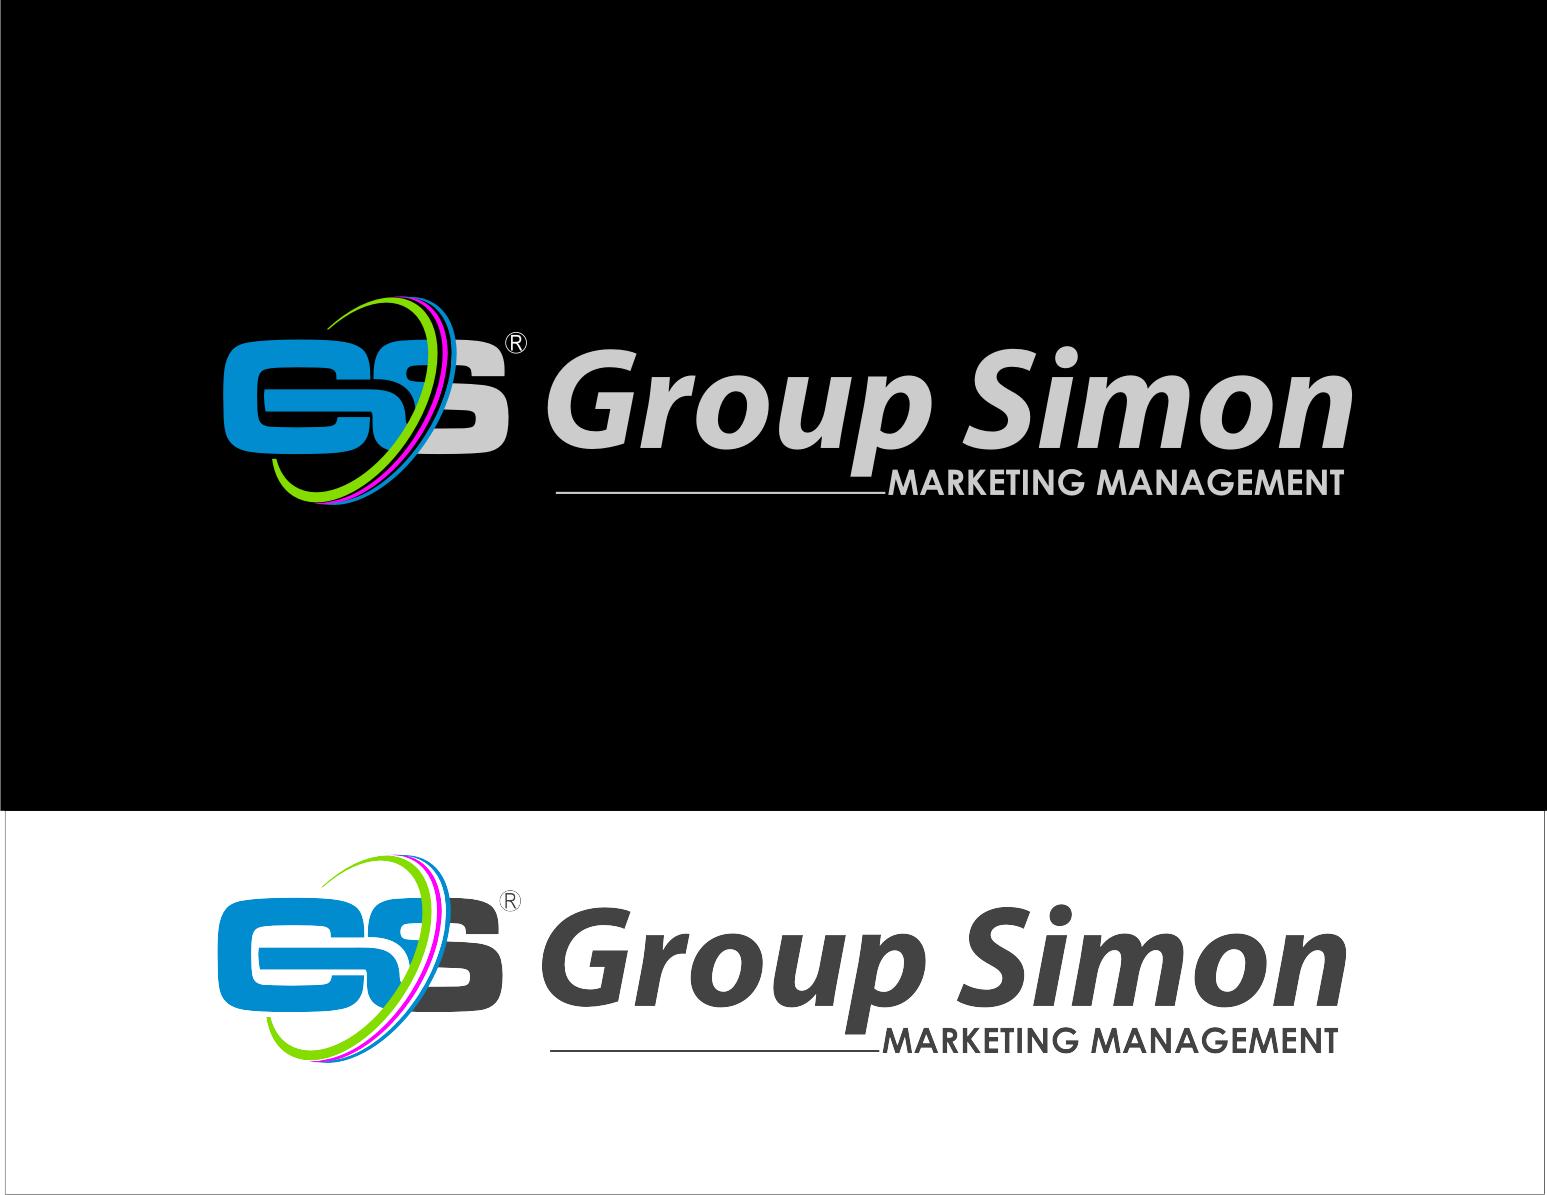 Killer Logo For Group Simon!